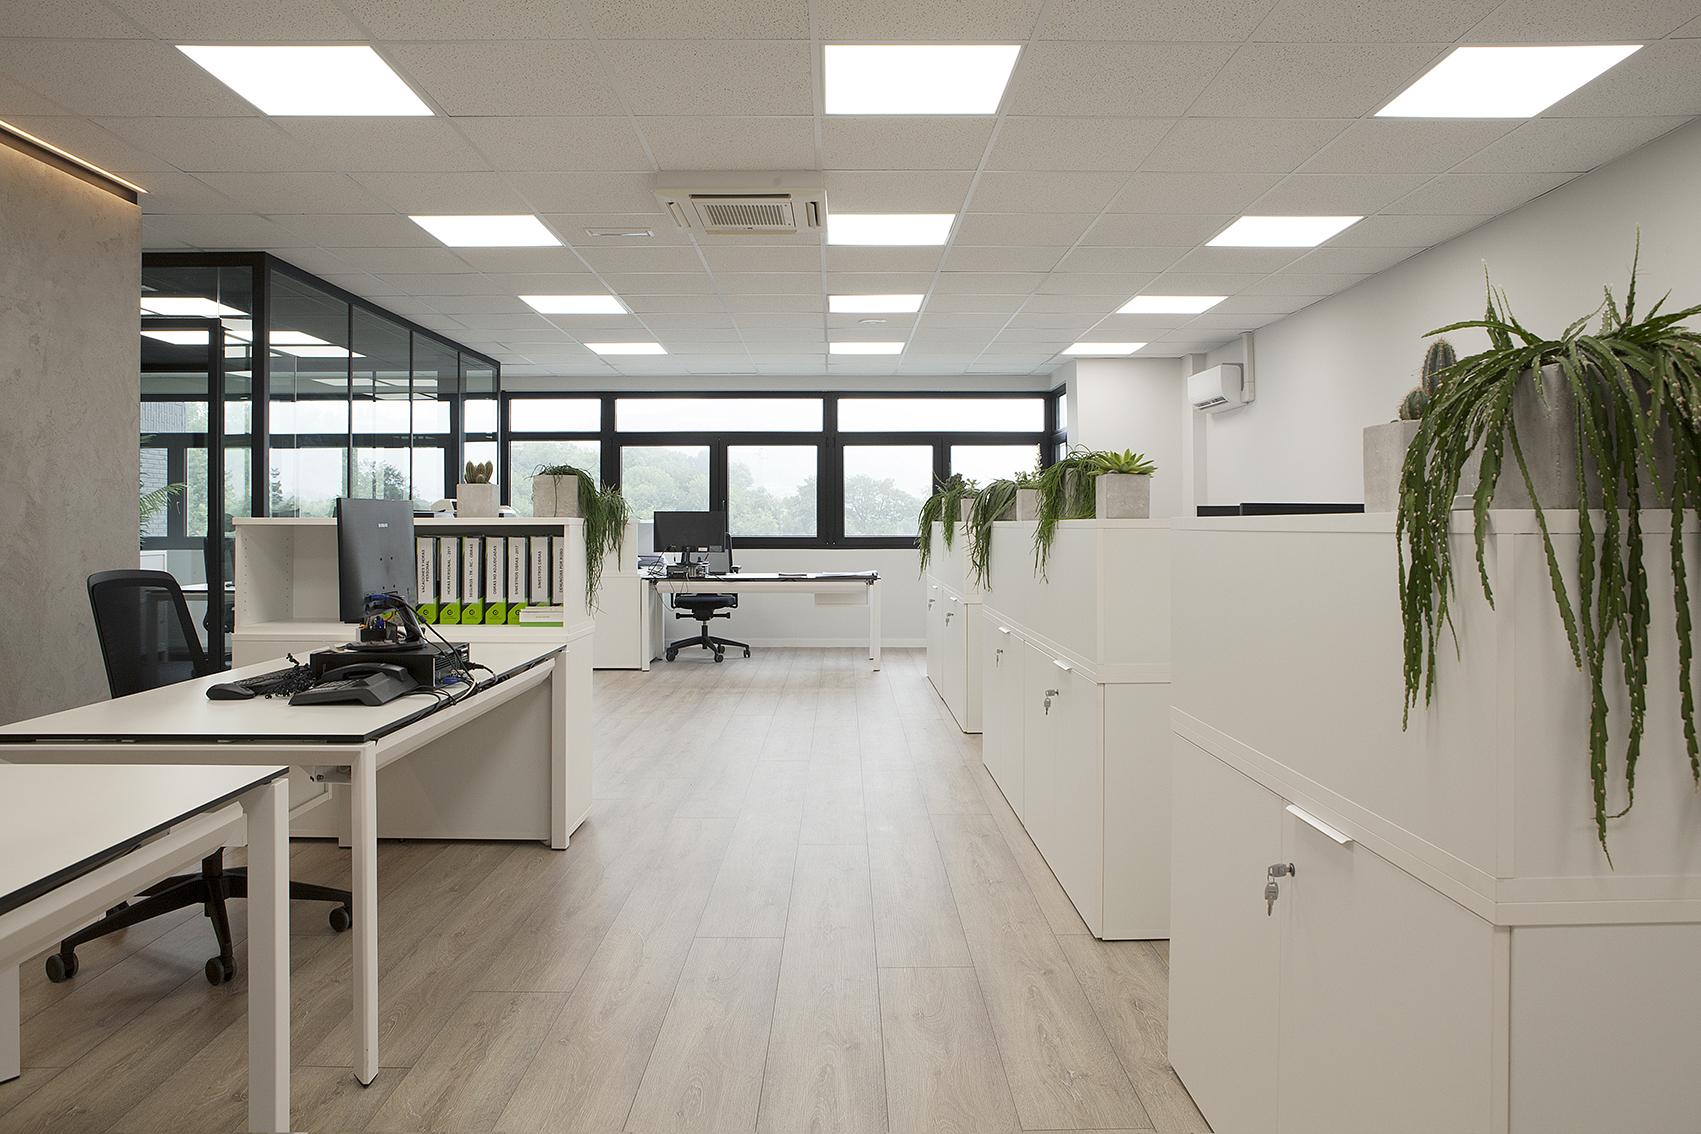 oficina-Otegi Gaztañaga-Oiartzun-2017-02